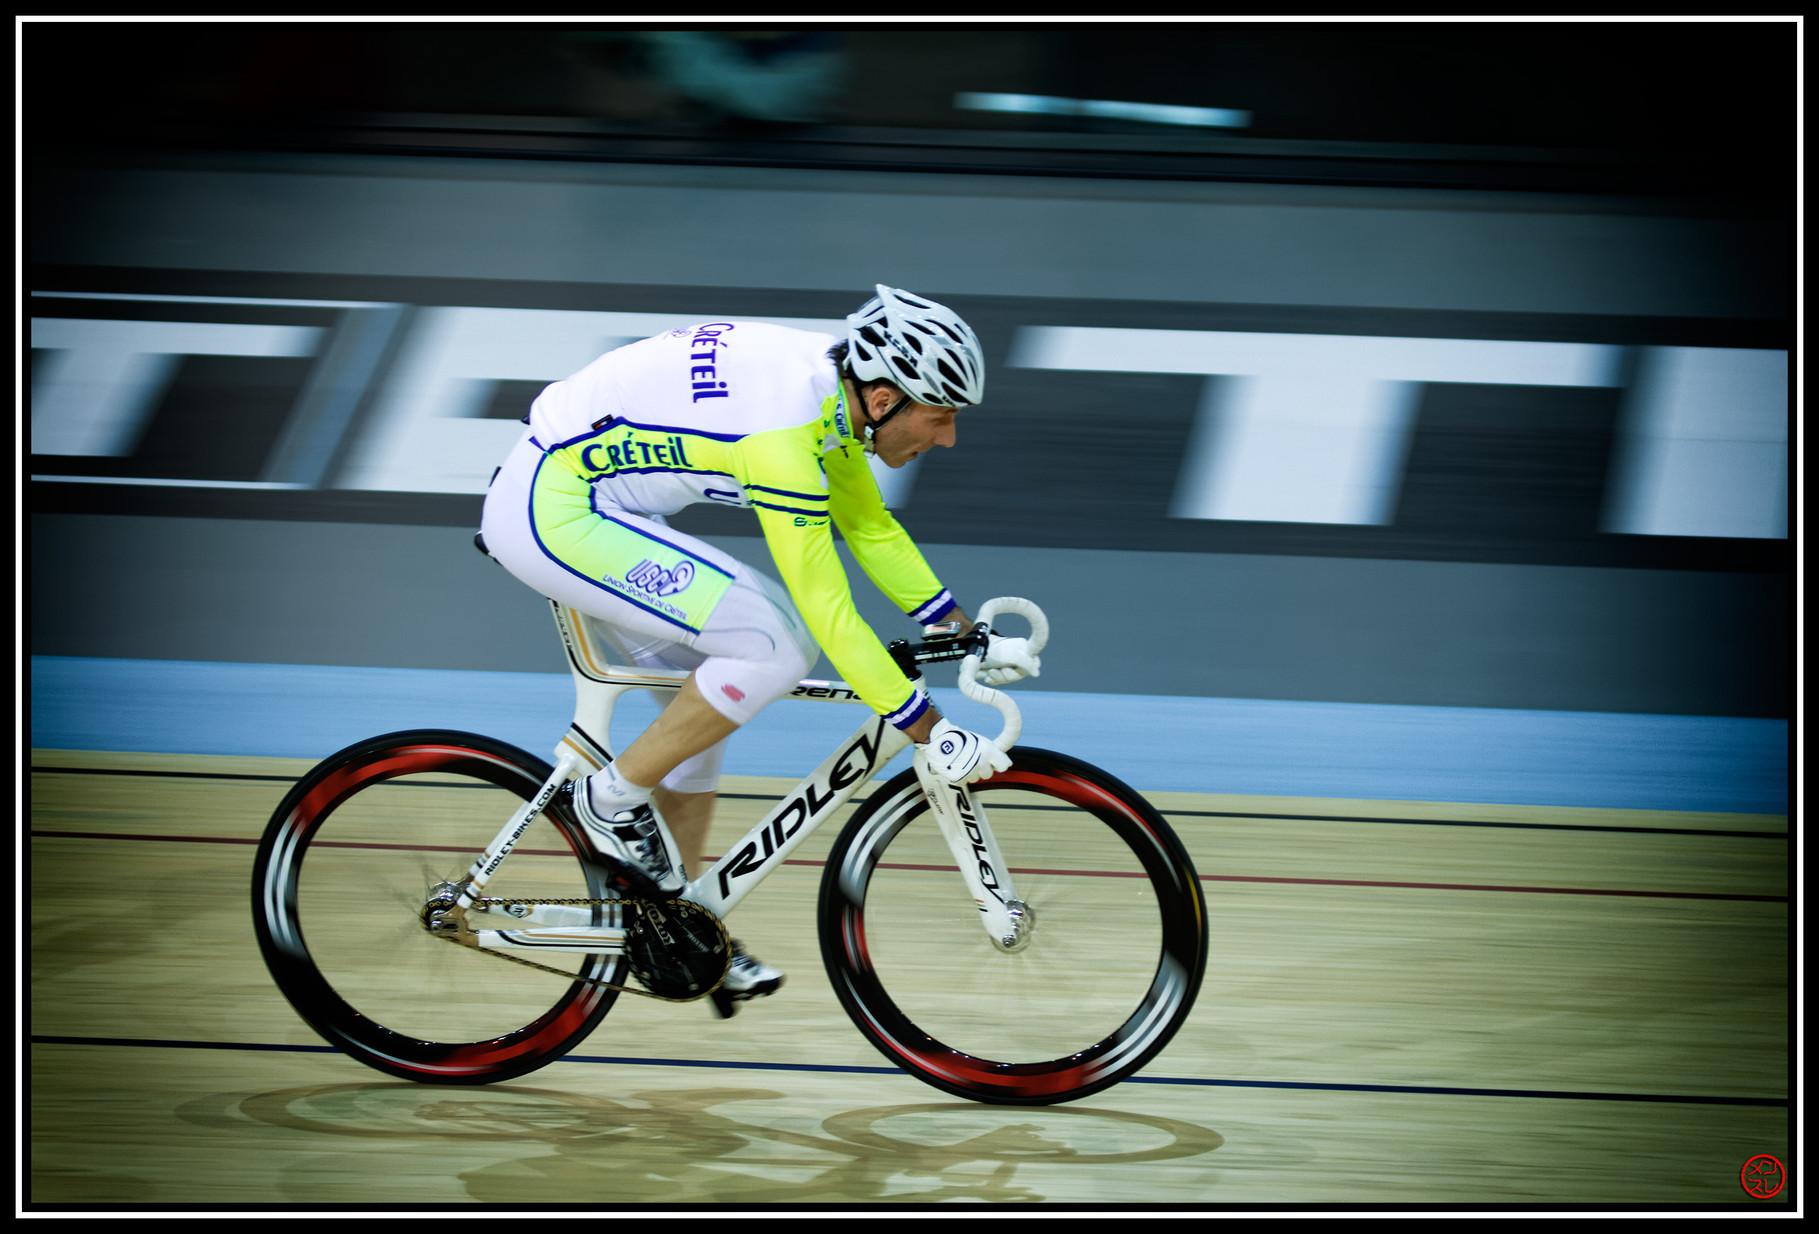 Cyclisme de vitesse. Vélodrome National de Saint-Quentin-en-Yvelines, France. Février 2014.